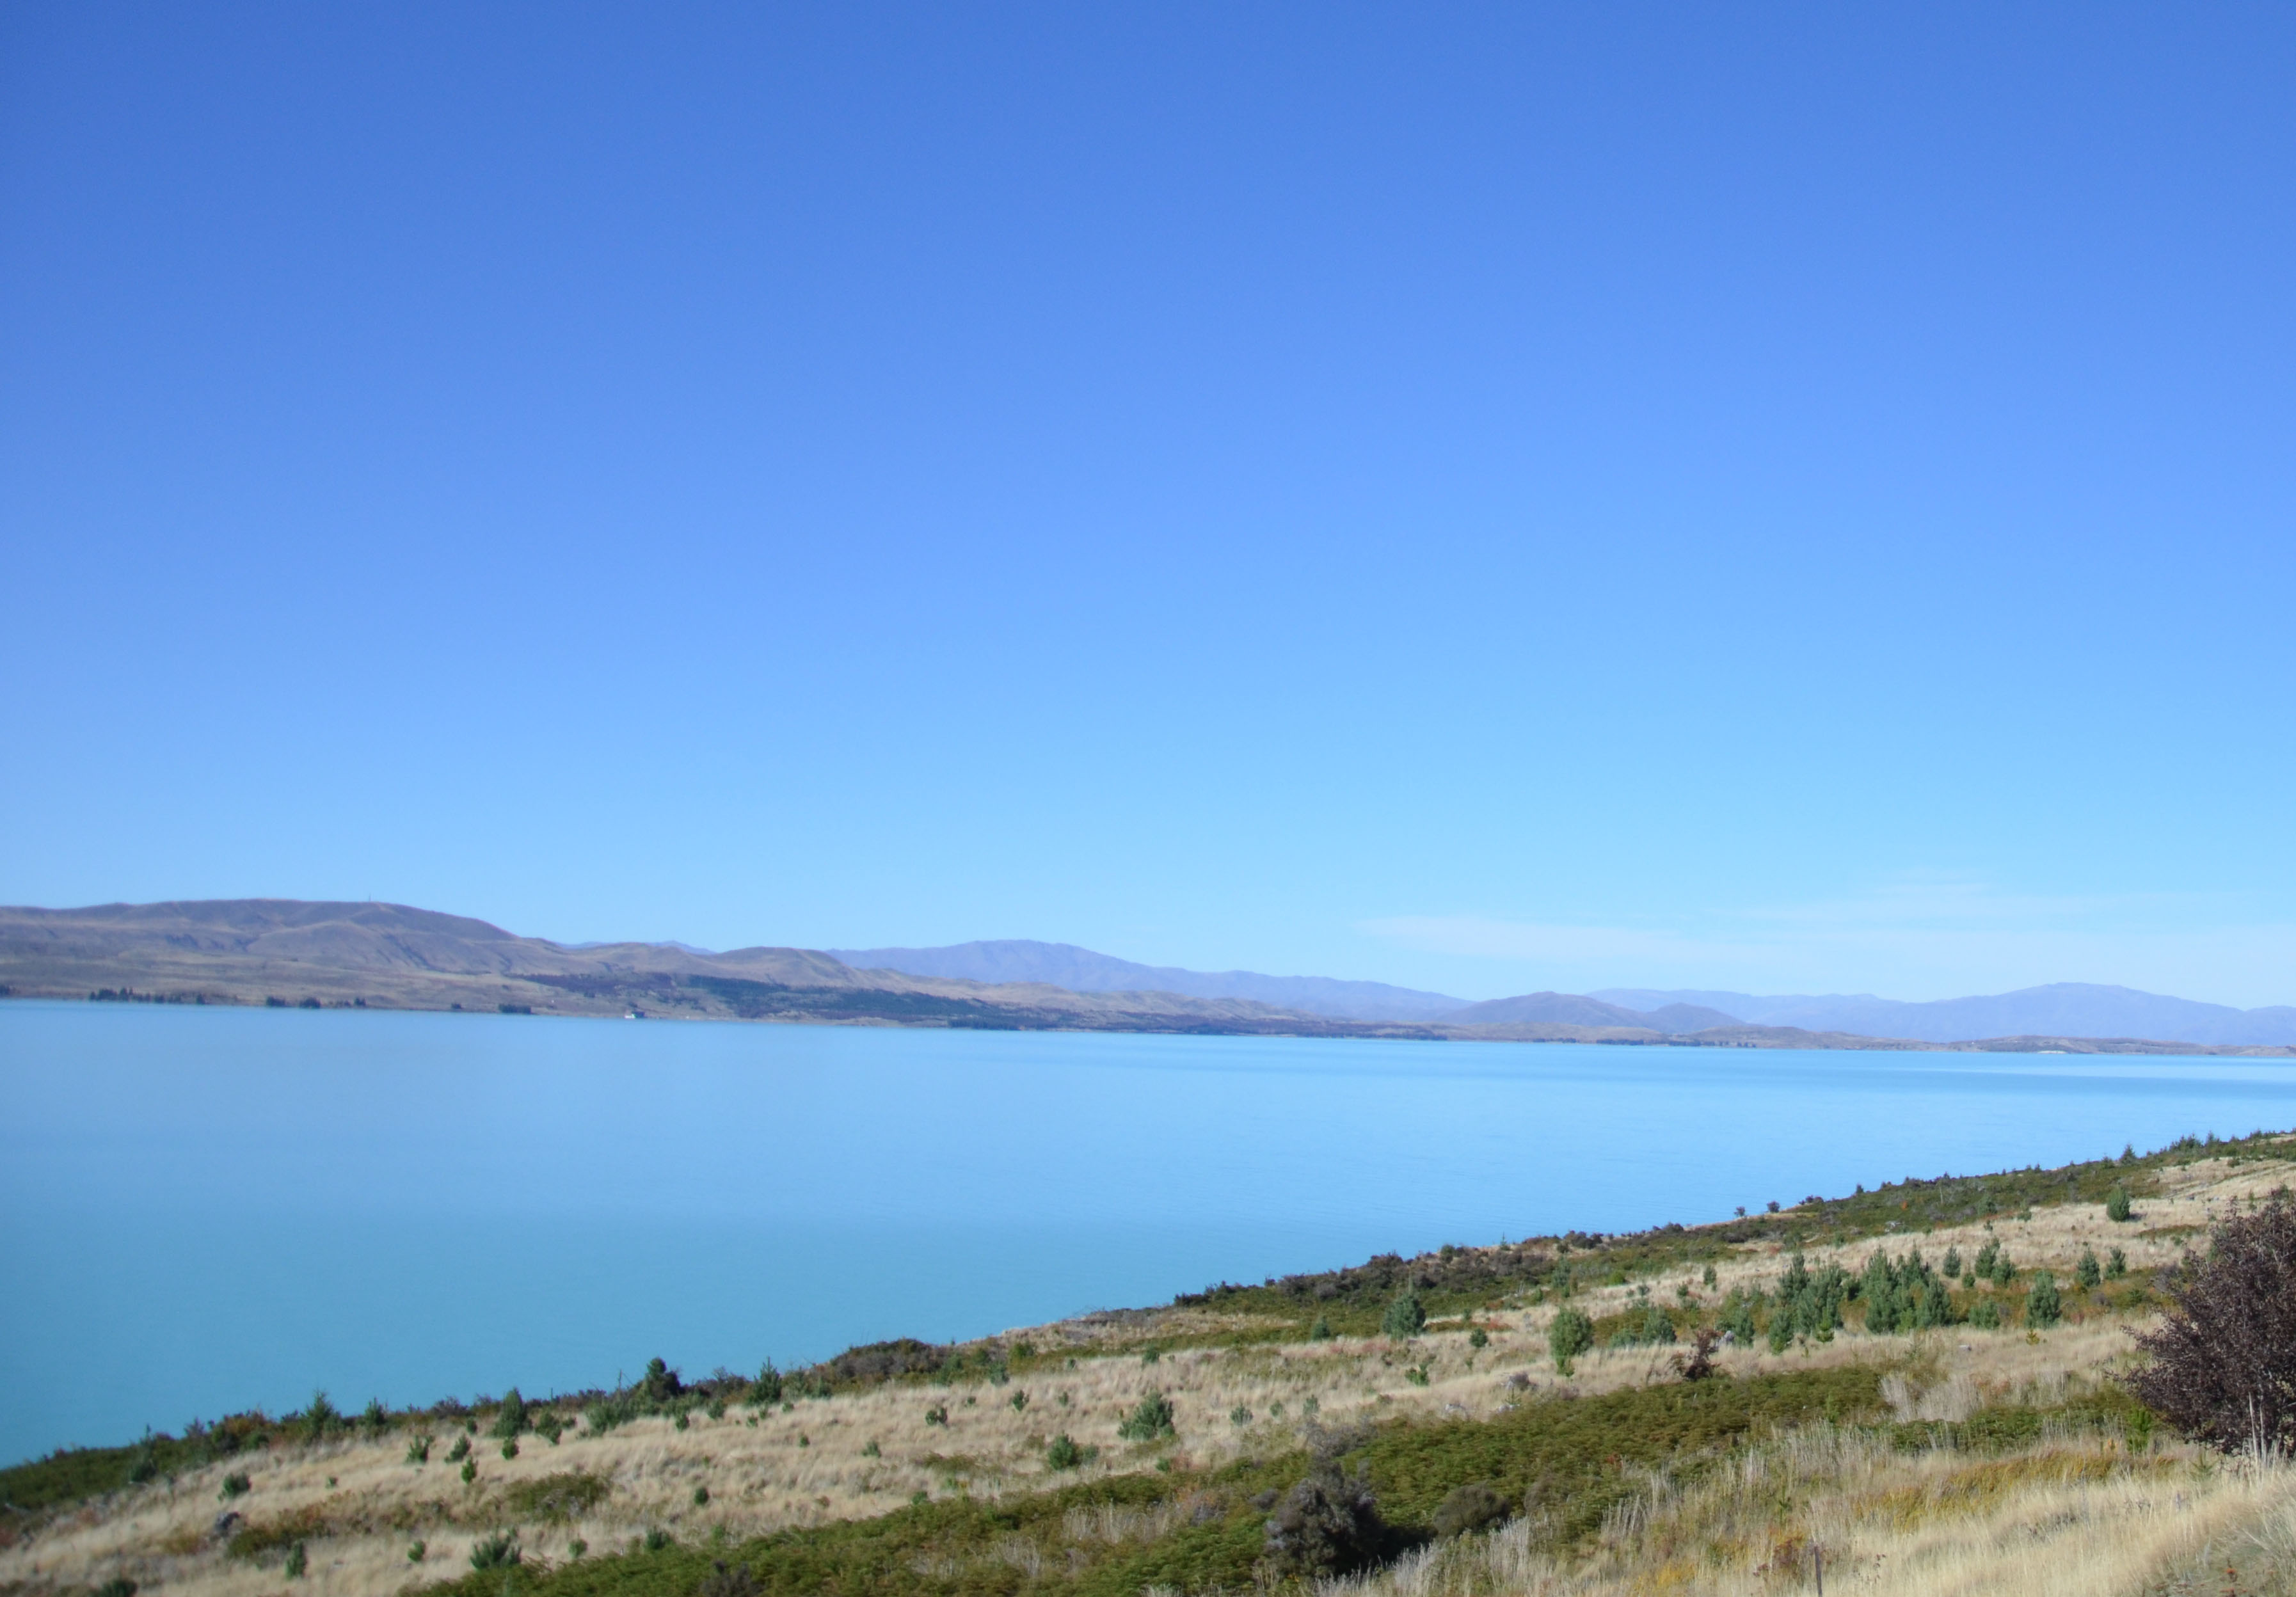 Le Lac Pukaki et son eau couleur bleue turquoise en Nouvelle-Zélande.